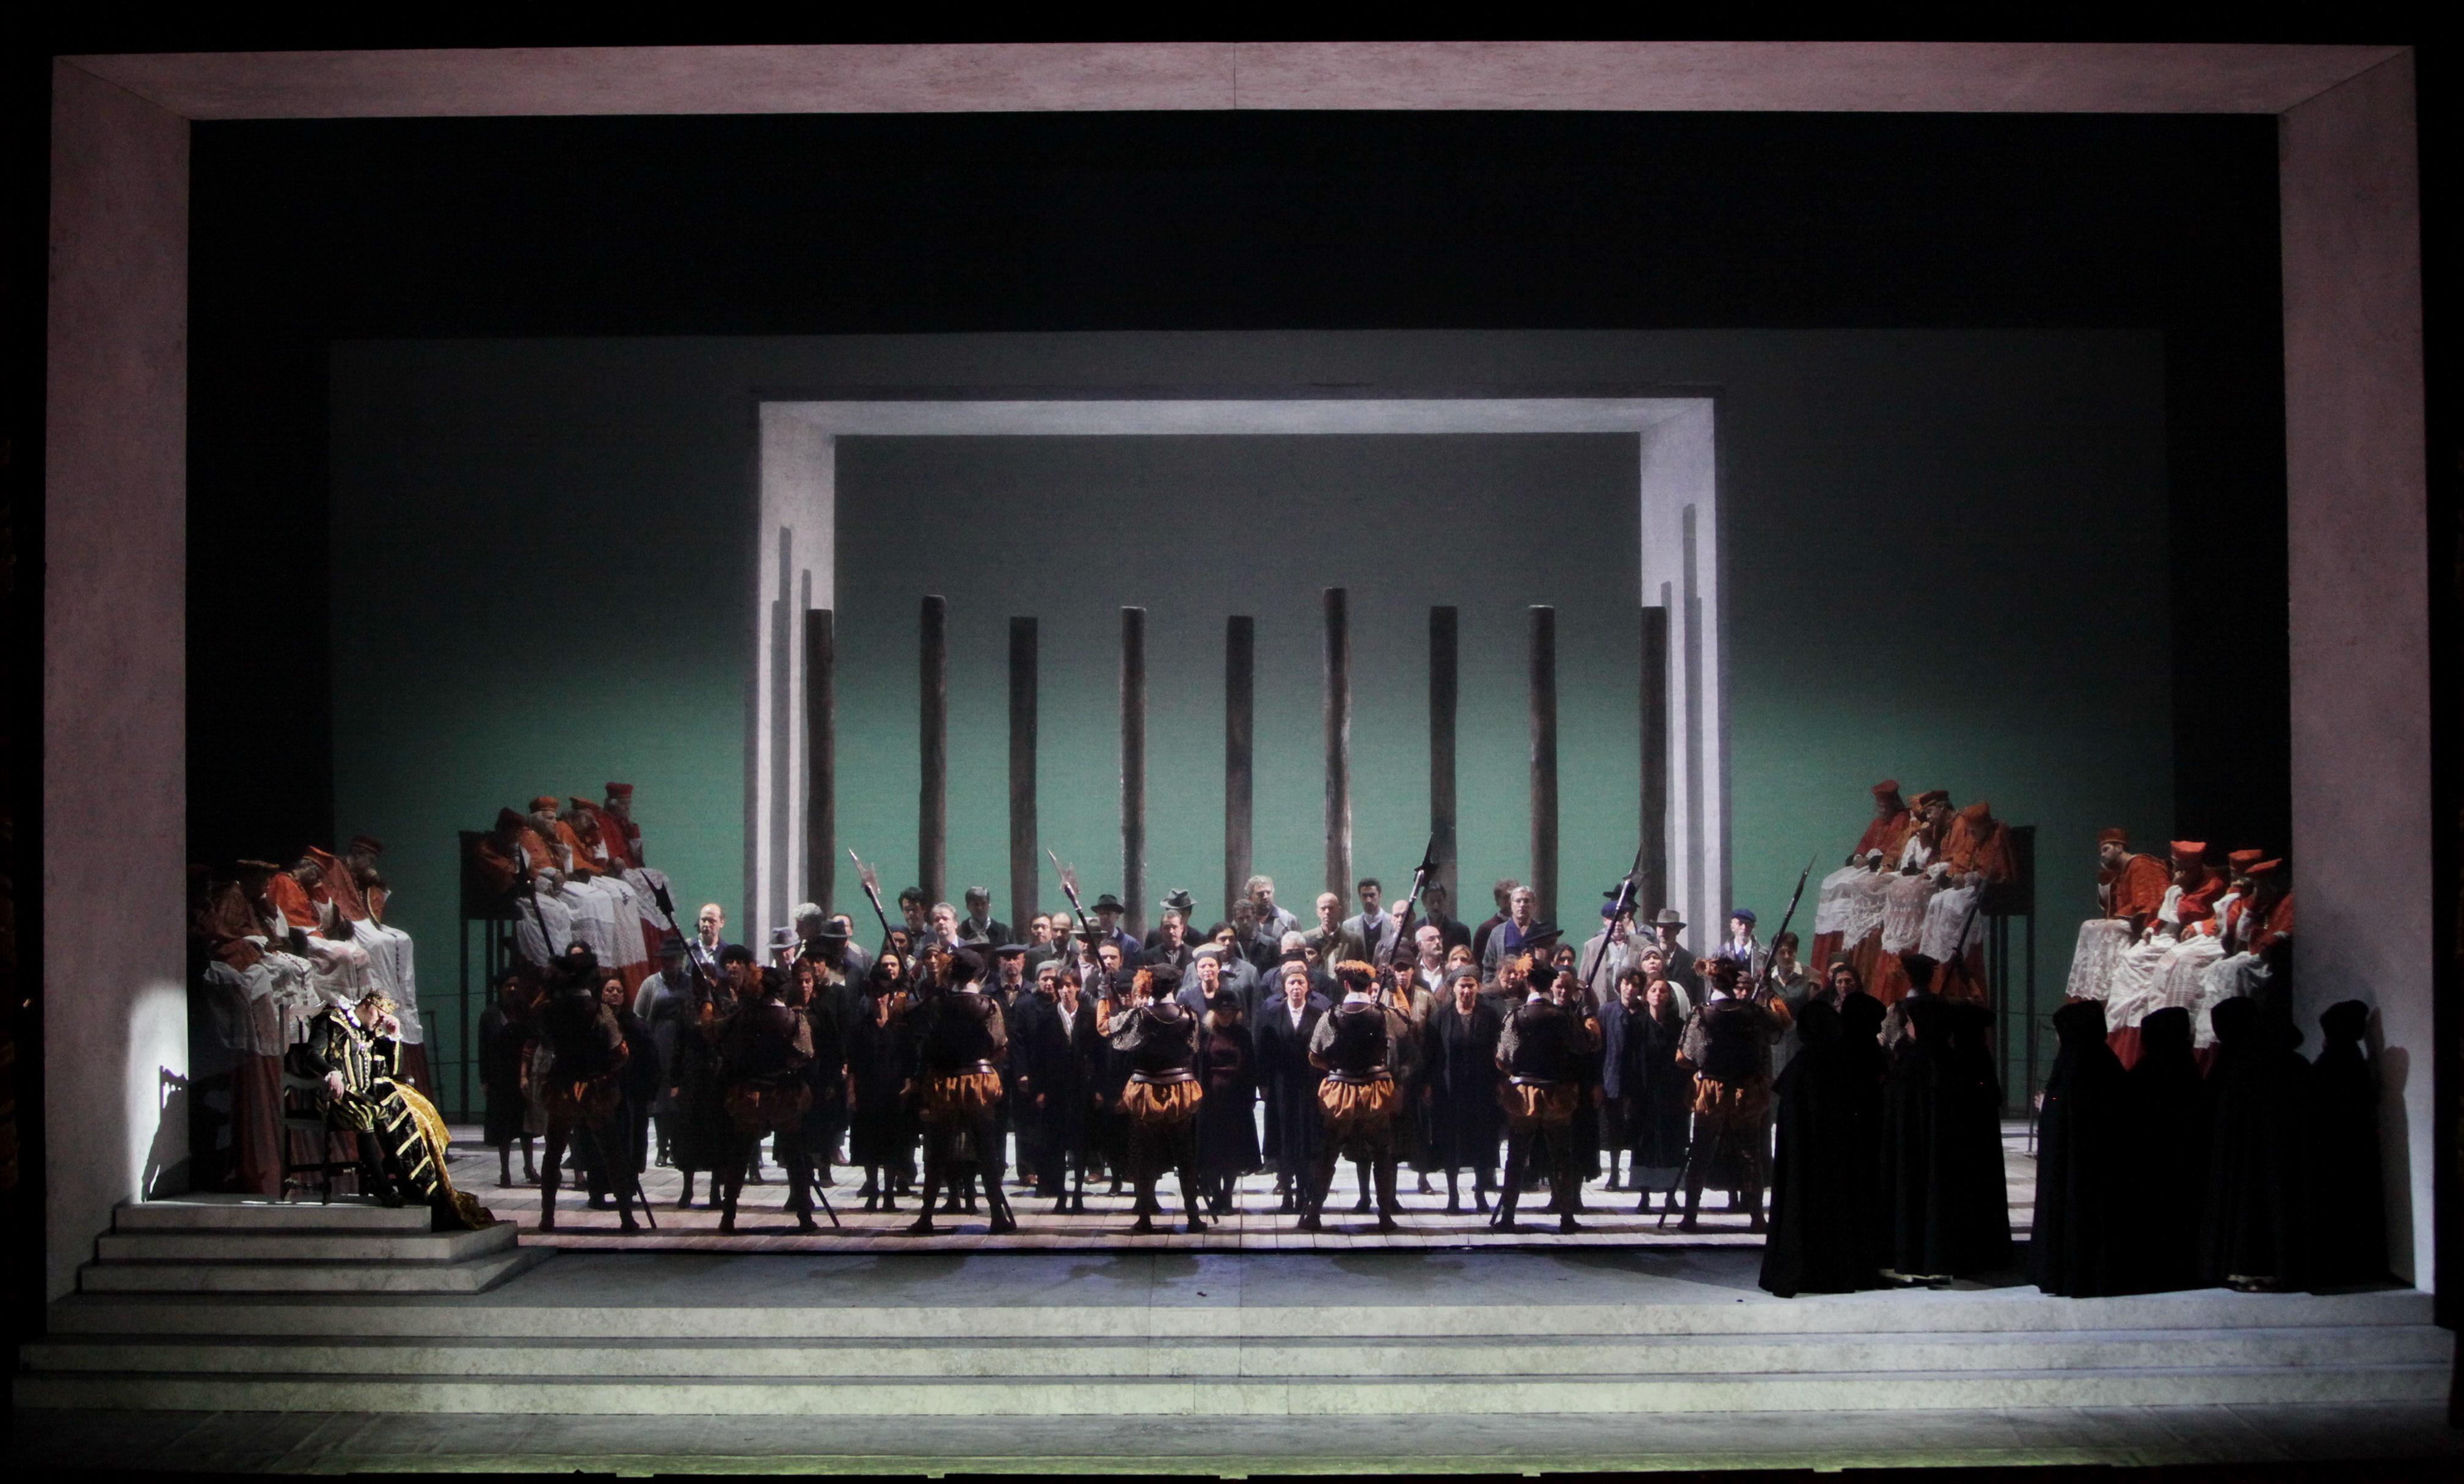 CRÍTICA: 'Don Carlo' (La Scala de Milán)